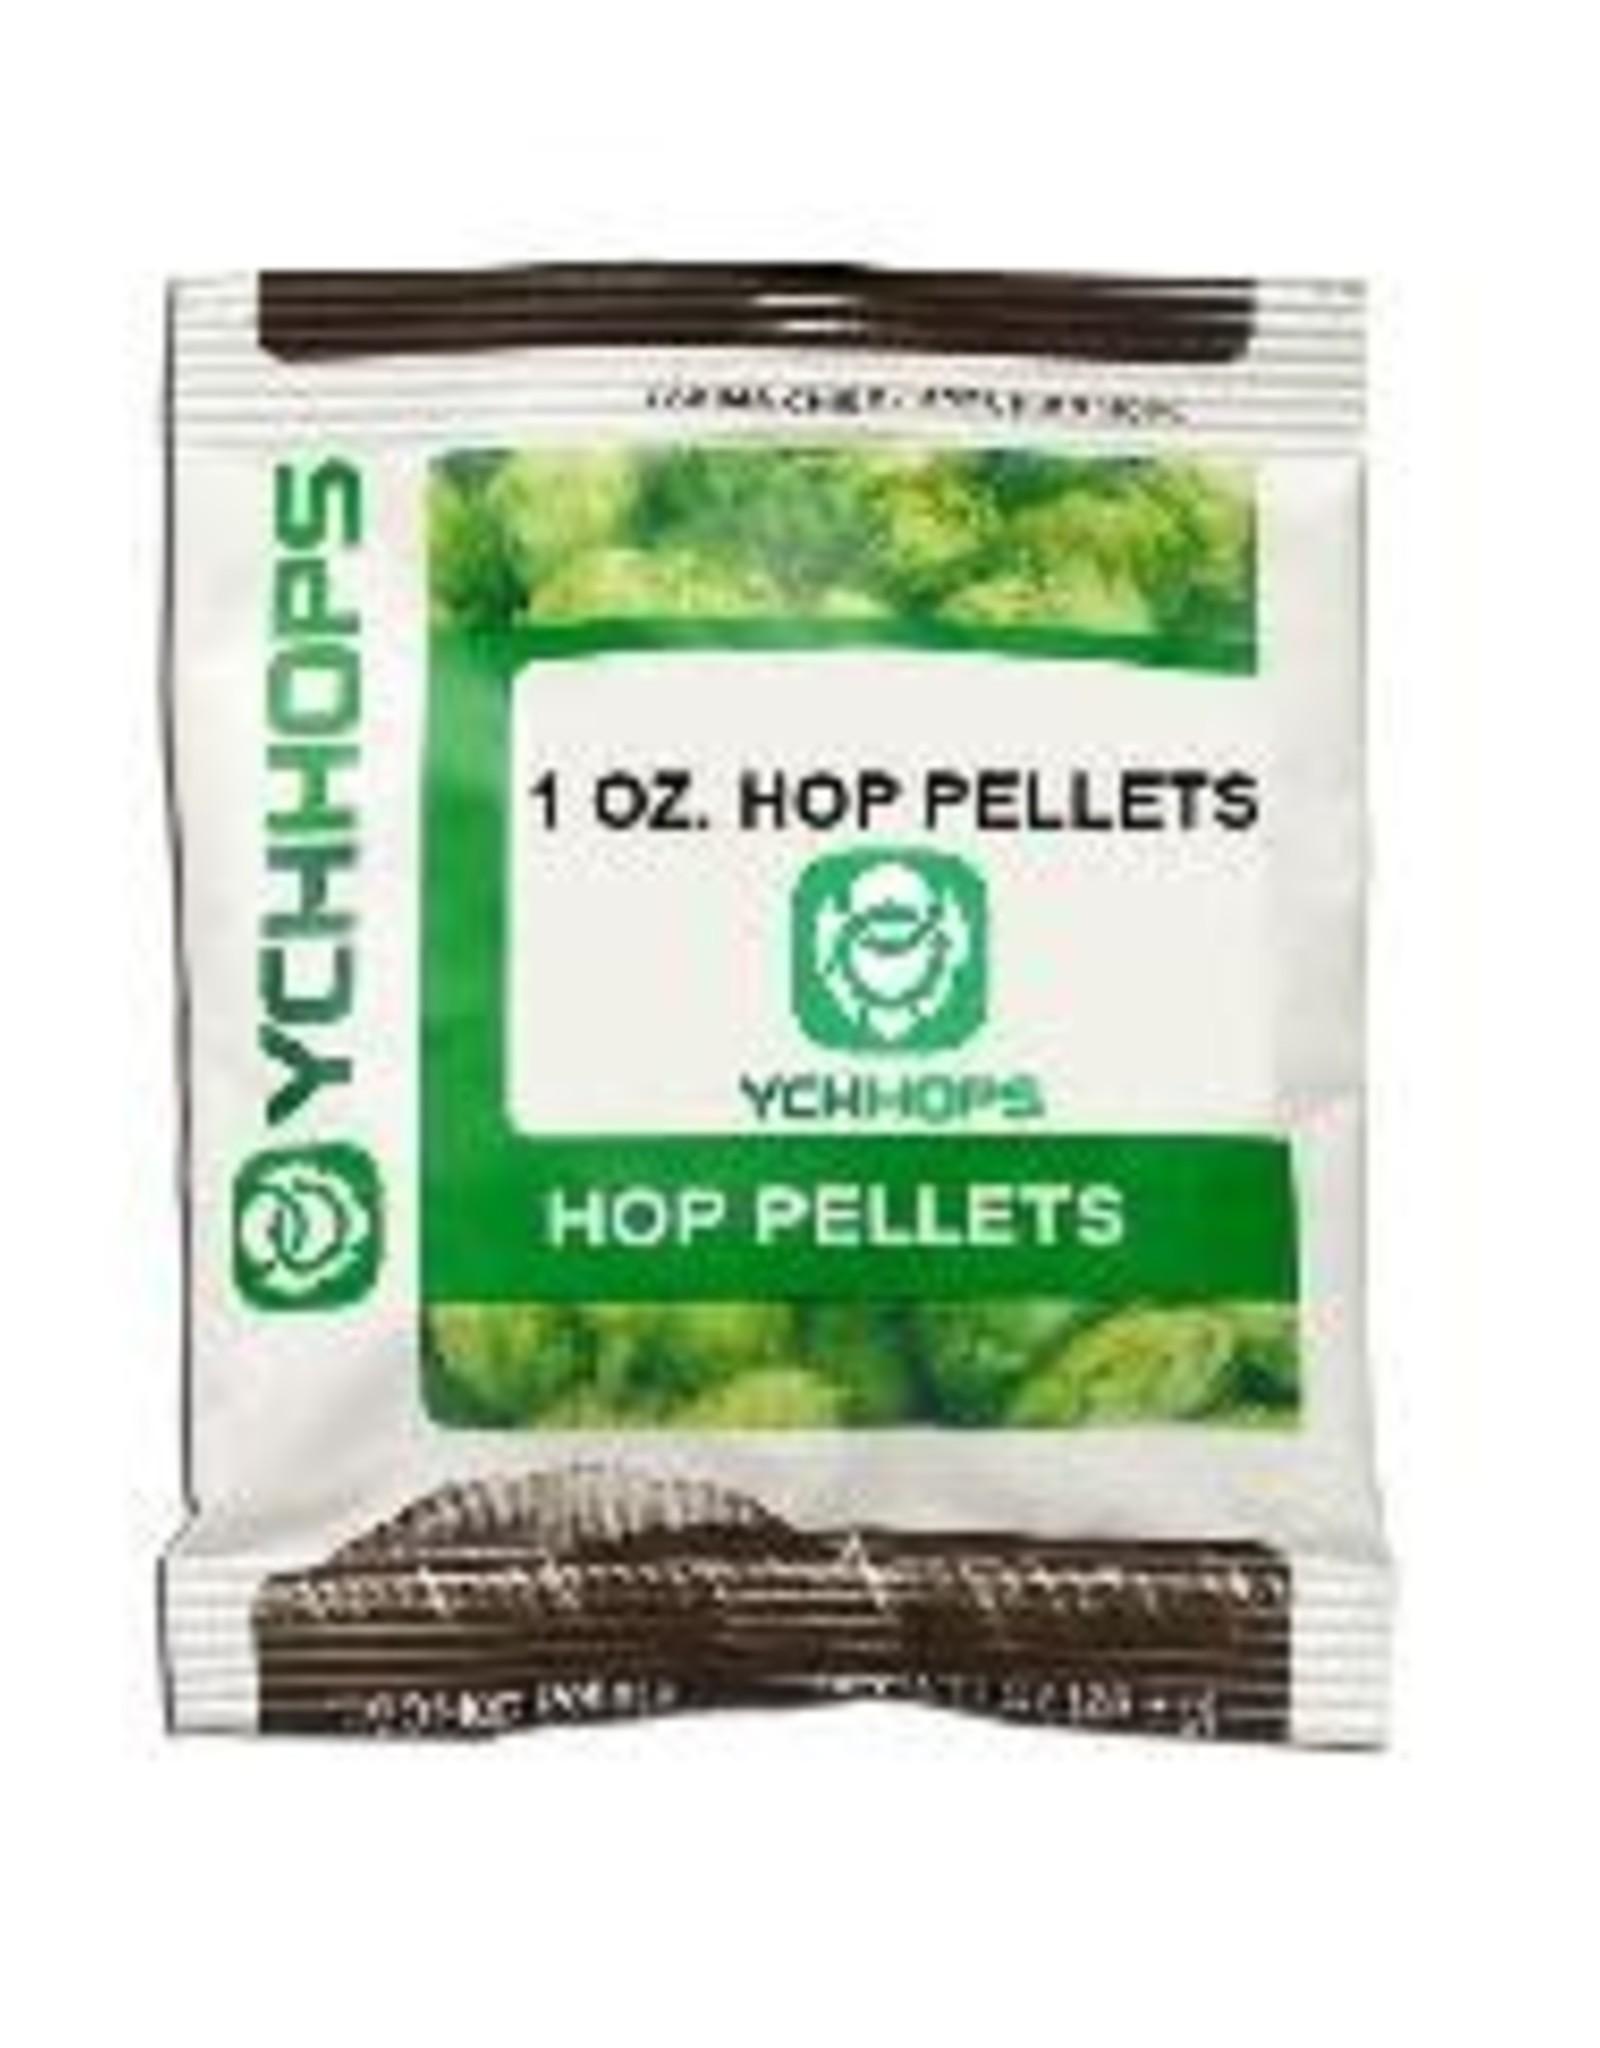 PACIFIC GEM Hop Pellets- 1 oz.